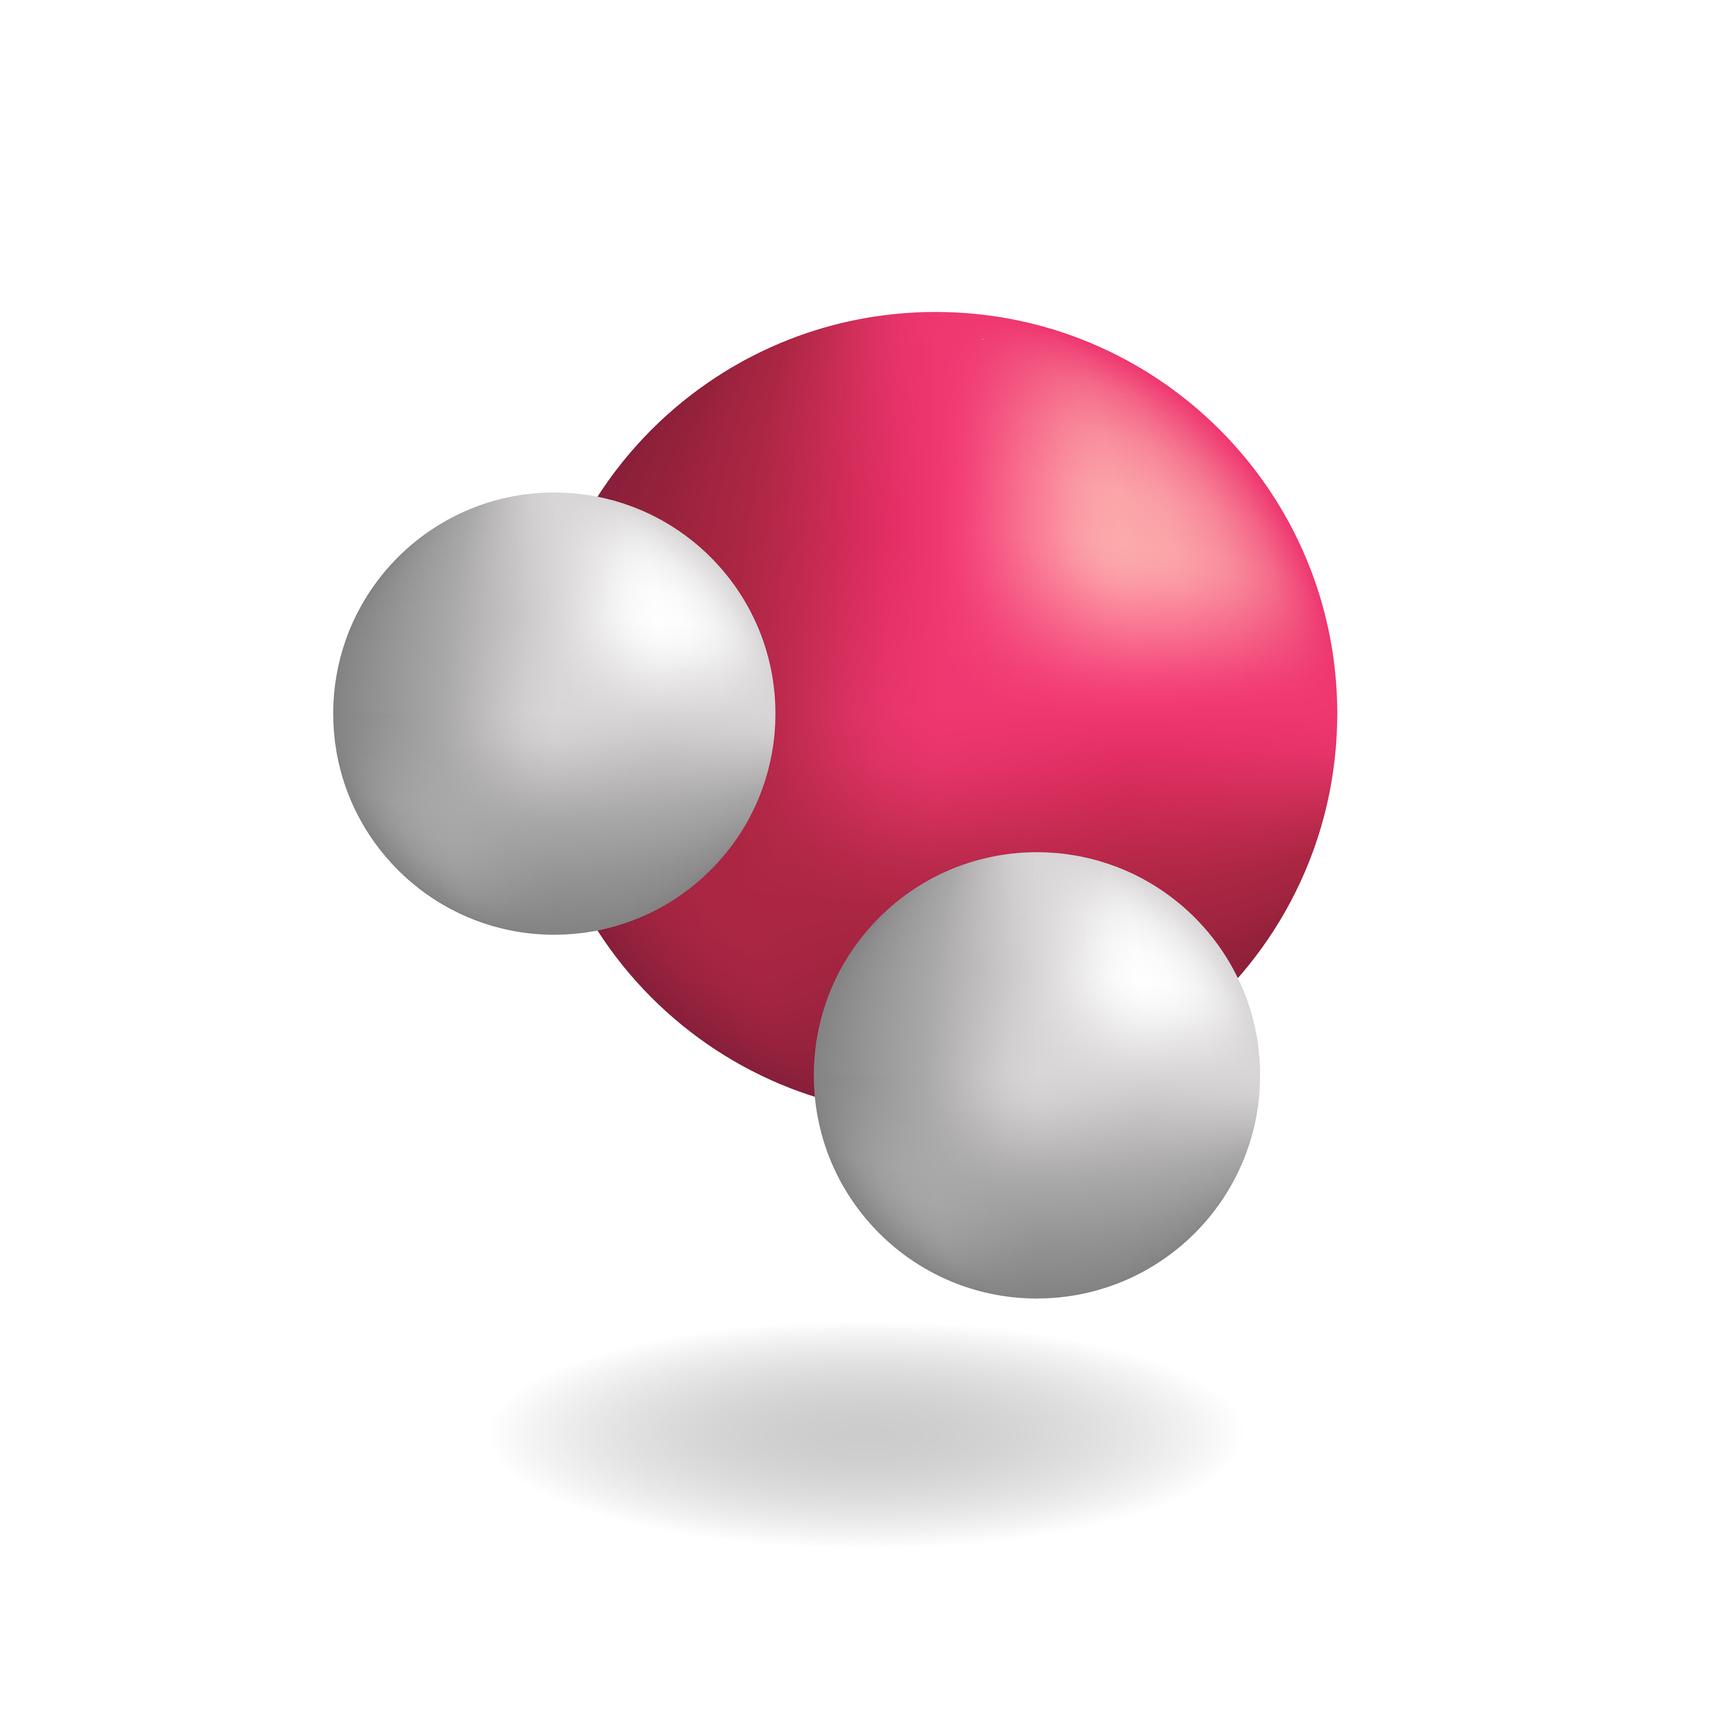 Felismered, milyen molekula látszik a képen?